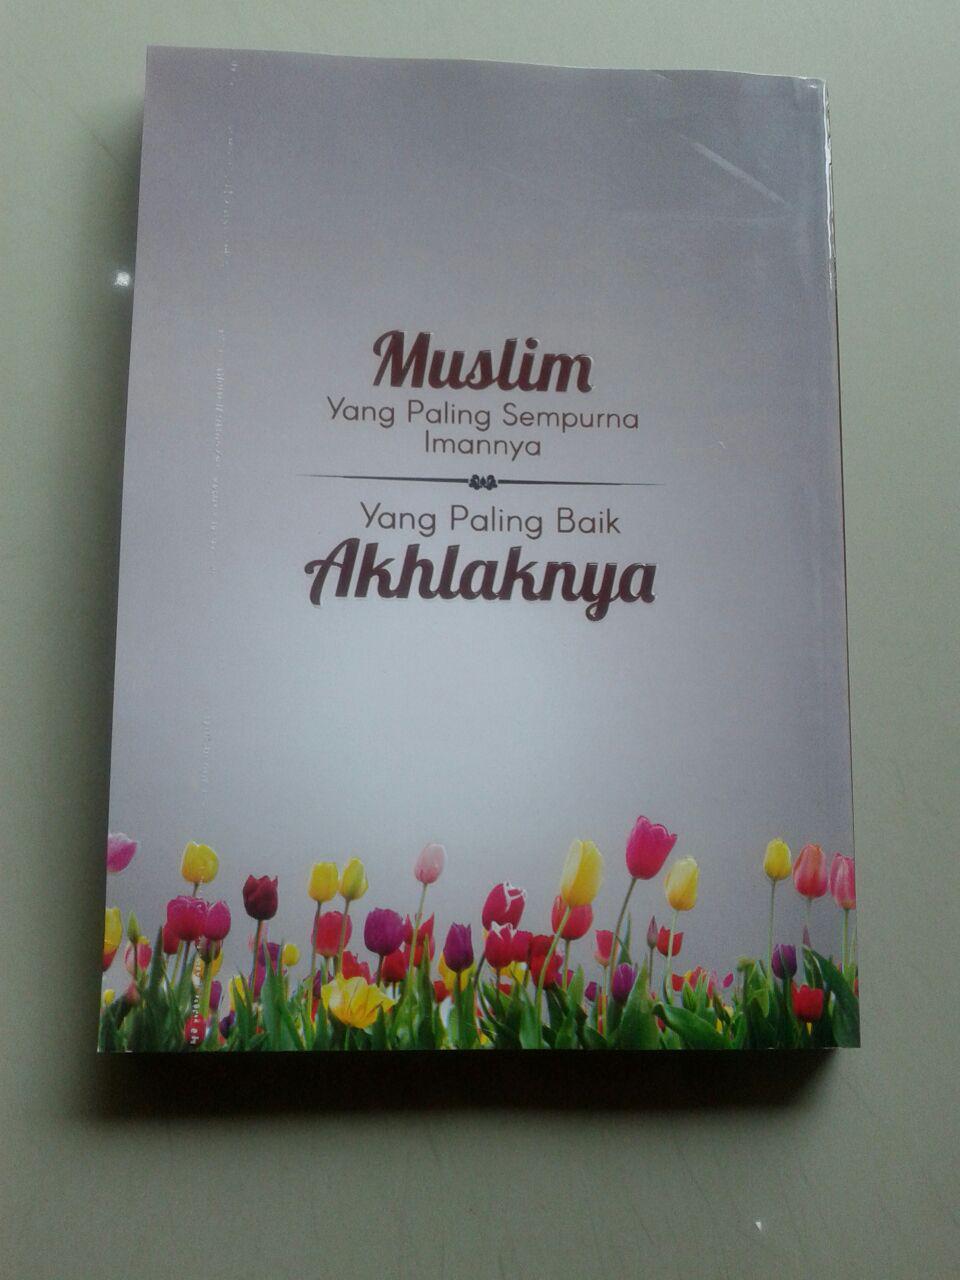 Buku Muslim Yang Sempurna Imannya Yang Paling Baik Akhlaknya cover